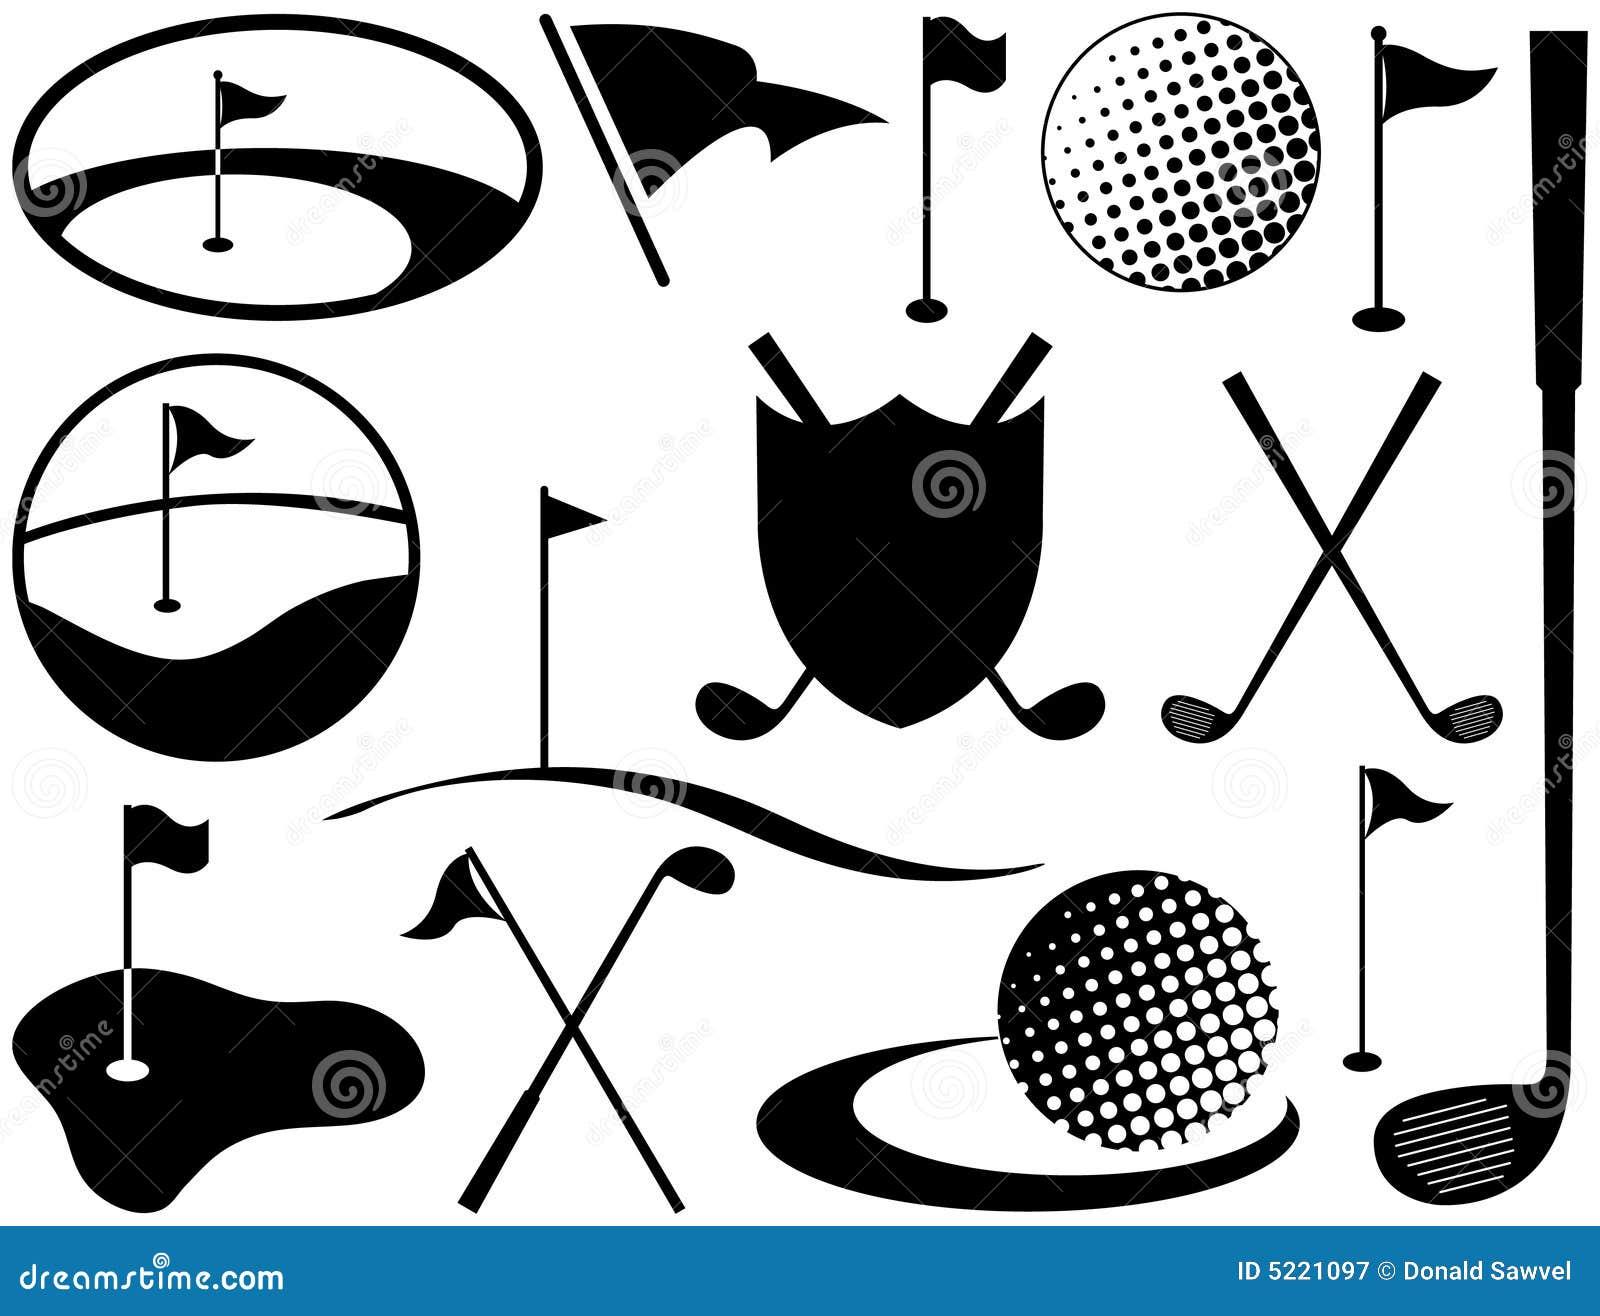 空白黑色高尔夫球的图标